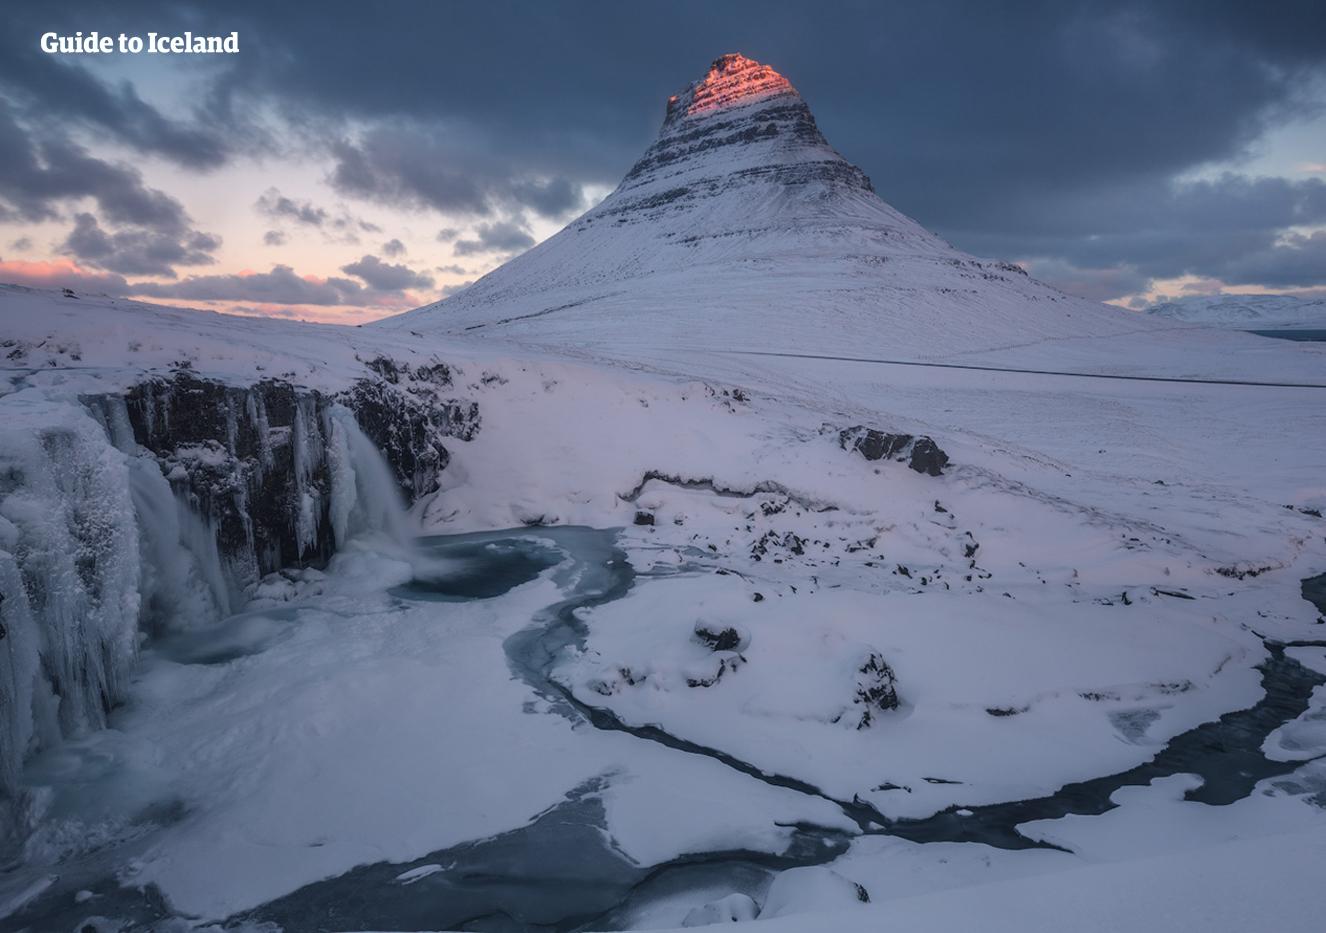 斯奈山半岛Búðir黑教堂在恣意舞动的北极光下更显魅力